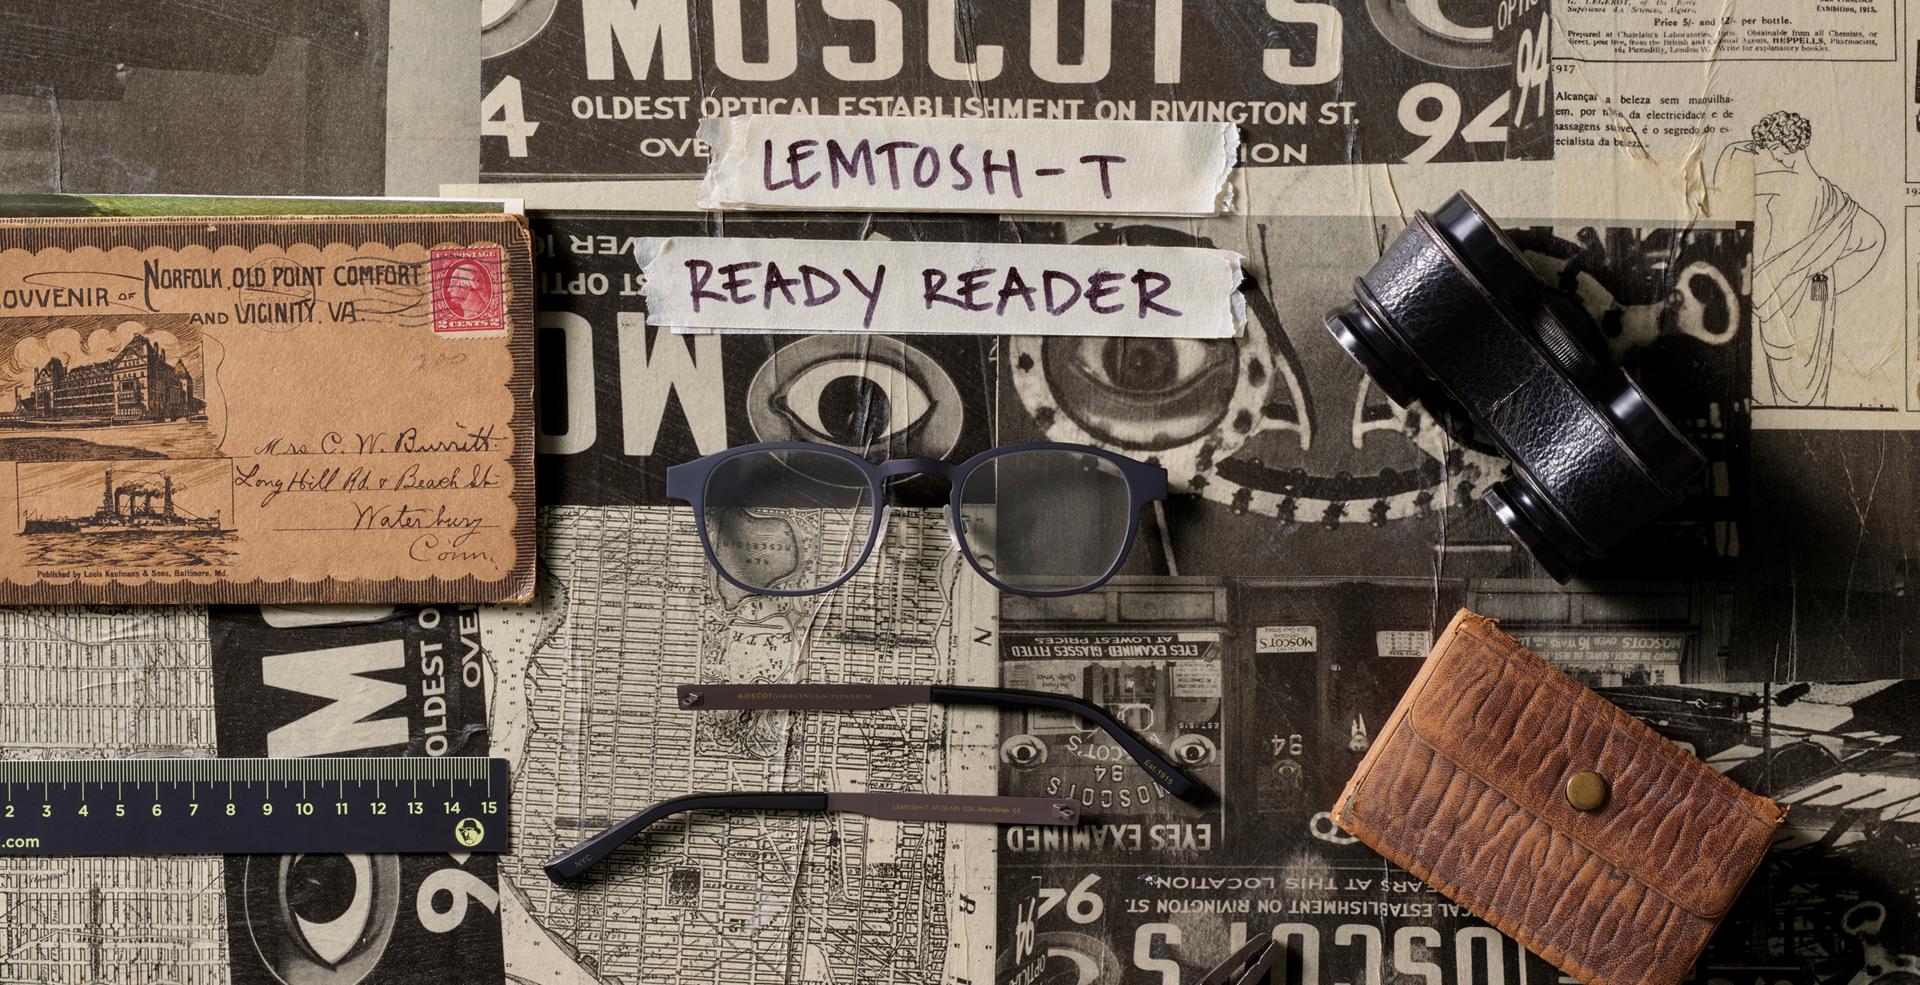 LEMTOSH-T READY READER